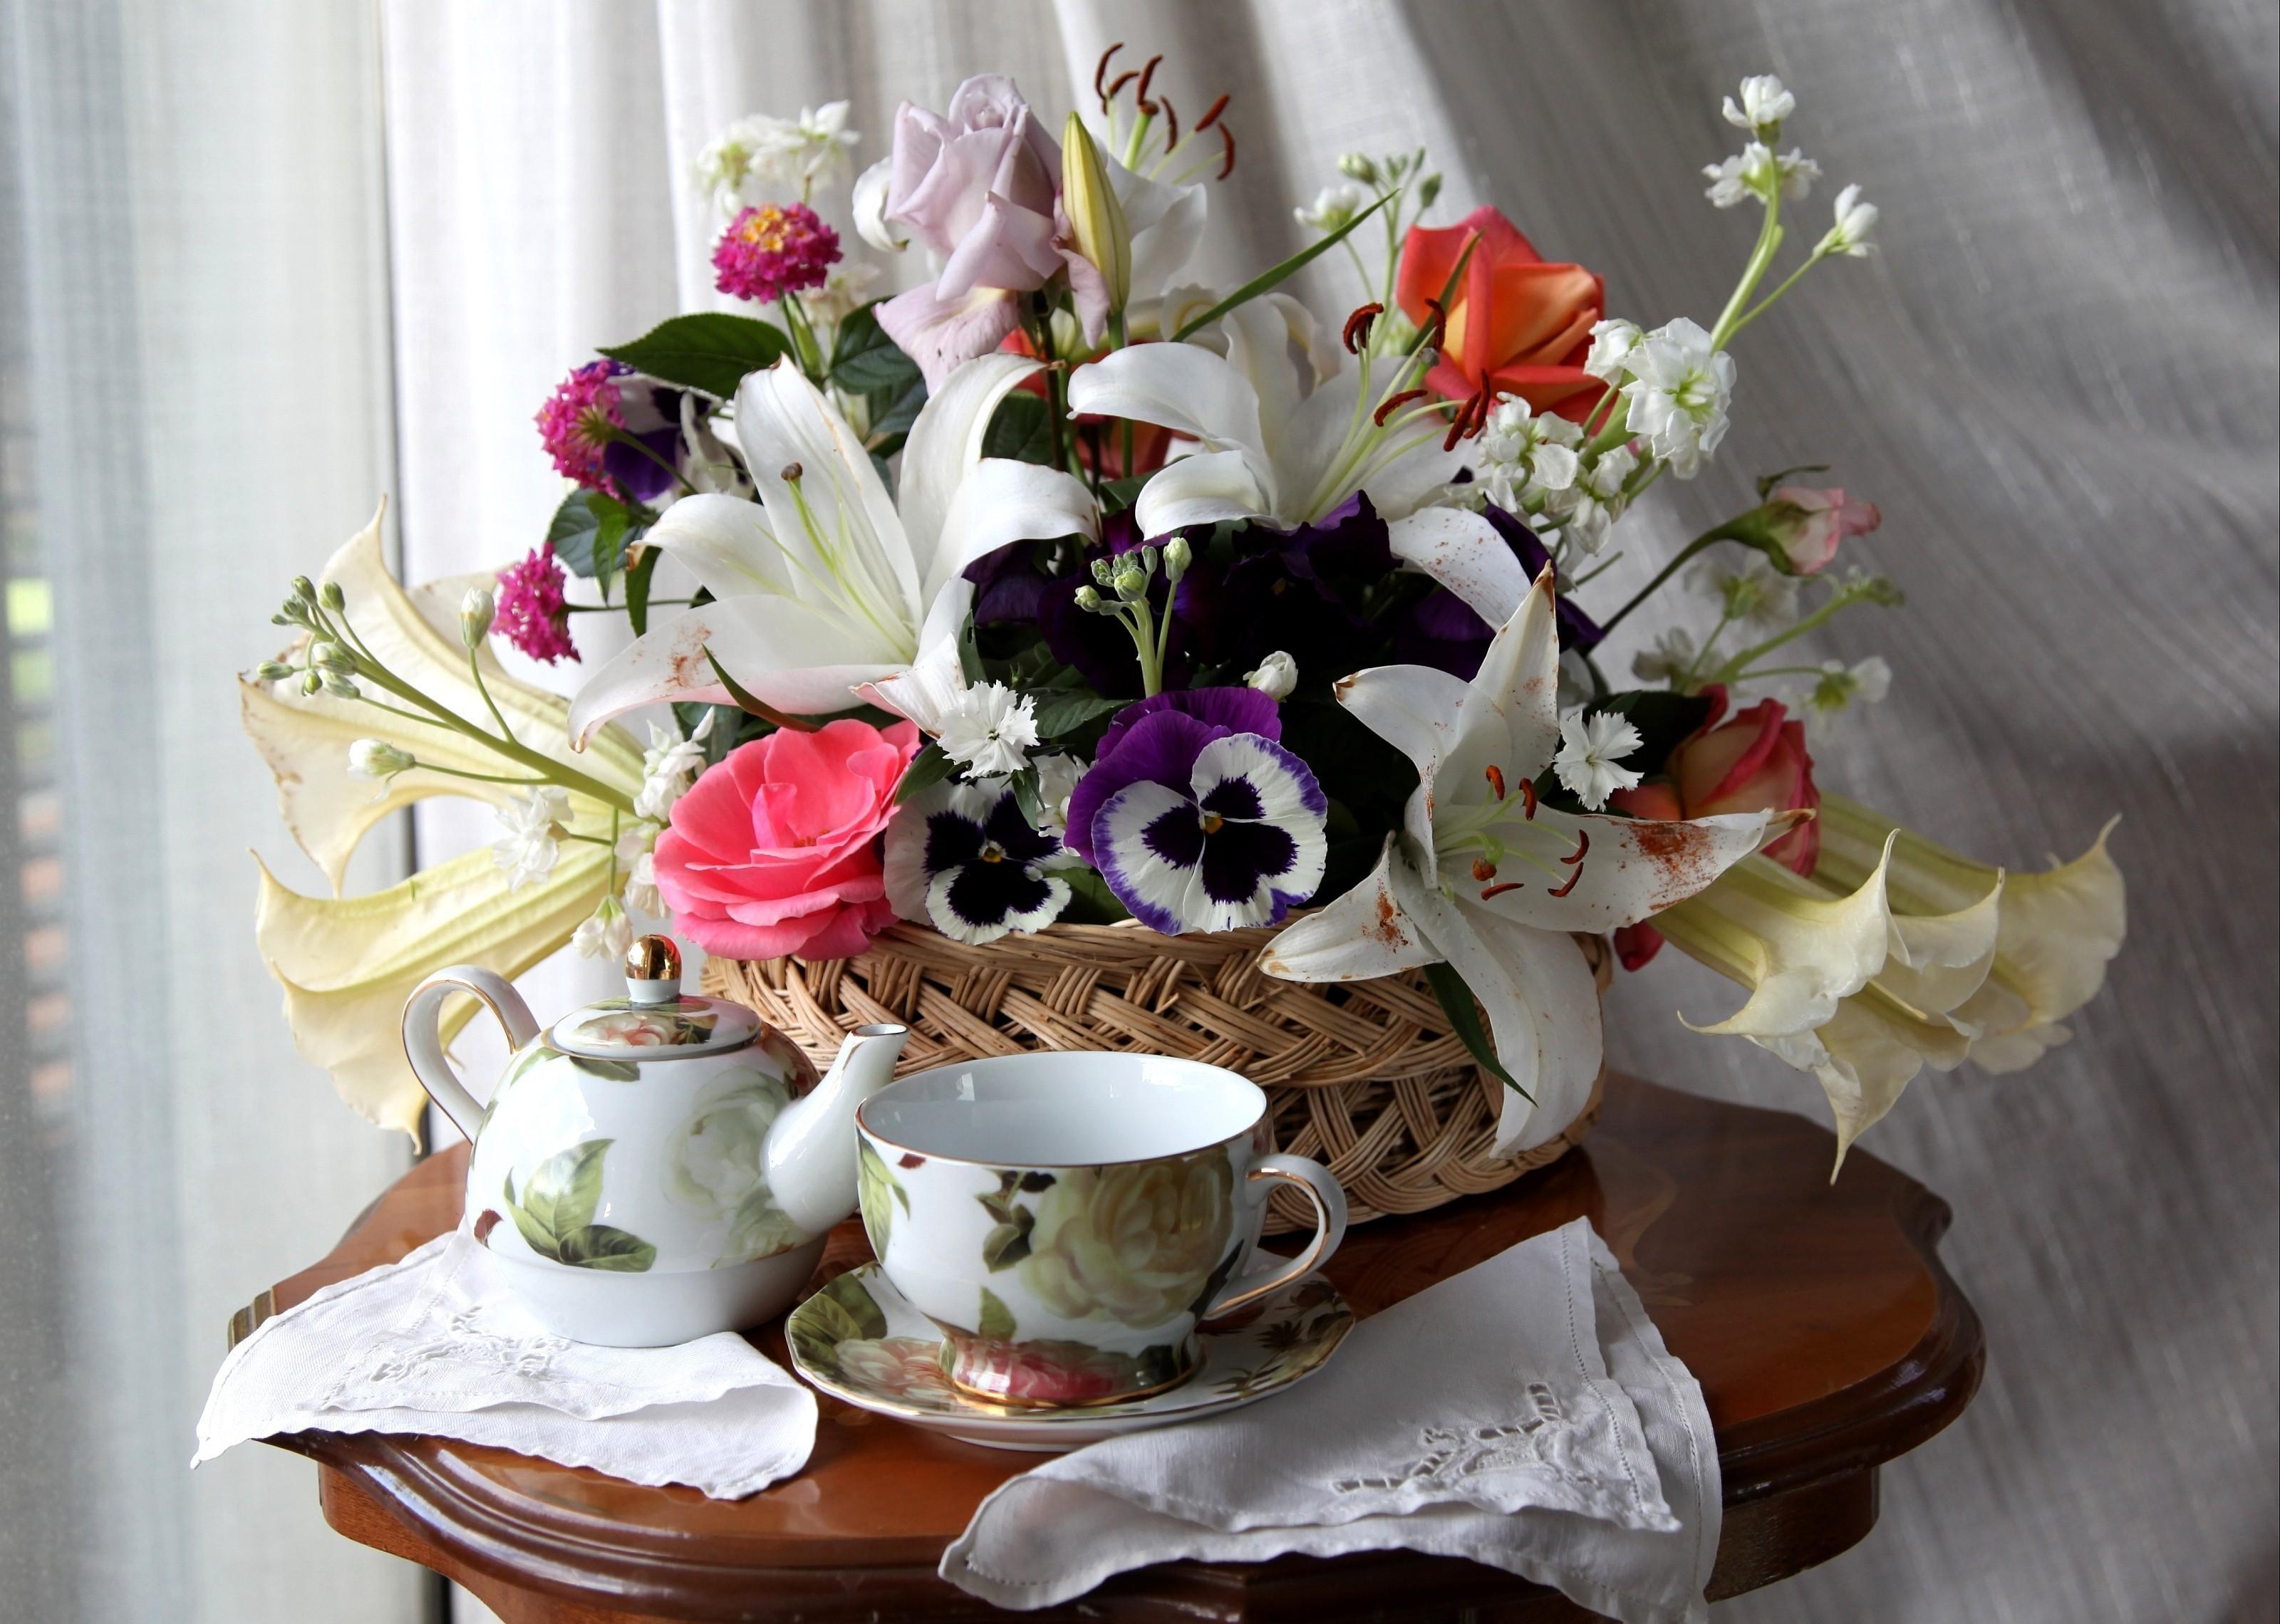 деревянное красивые цветы фото и картинки с добрым утром время